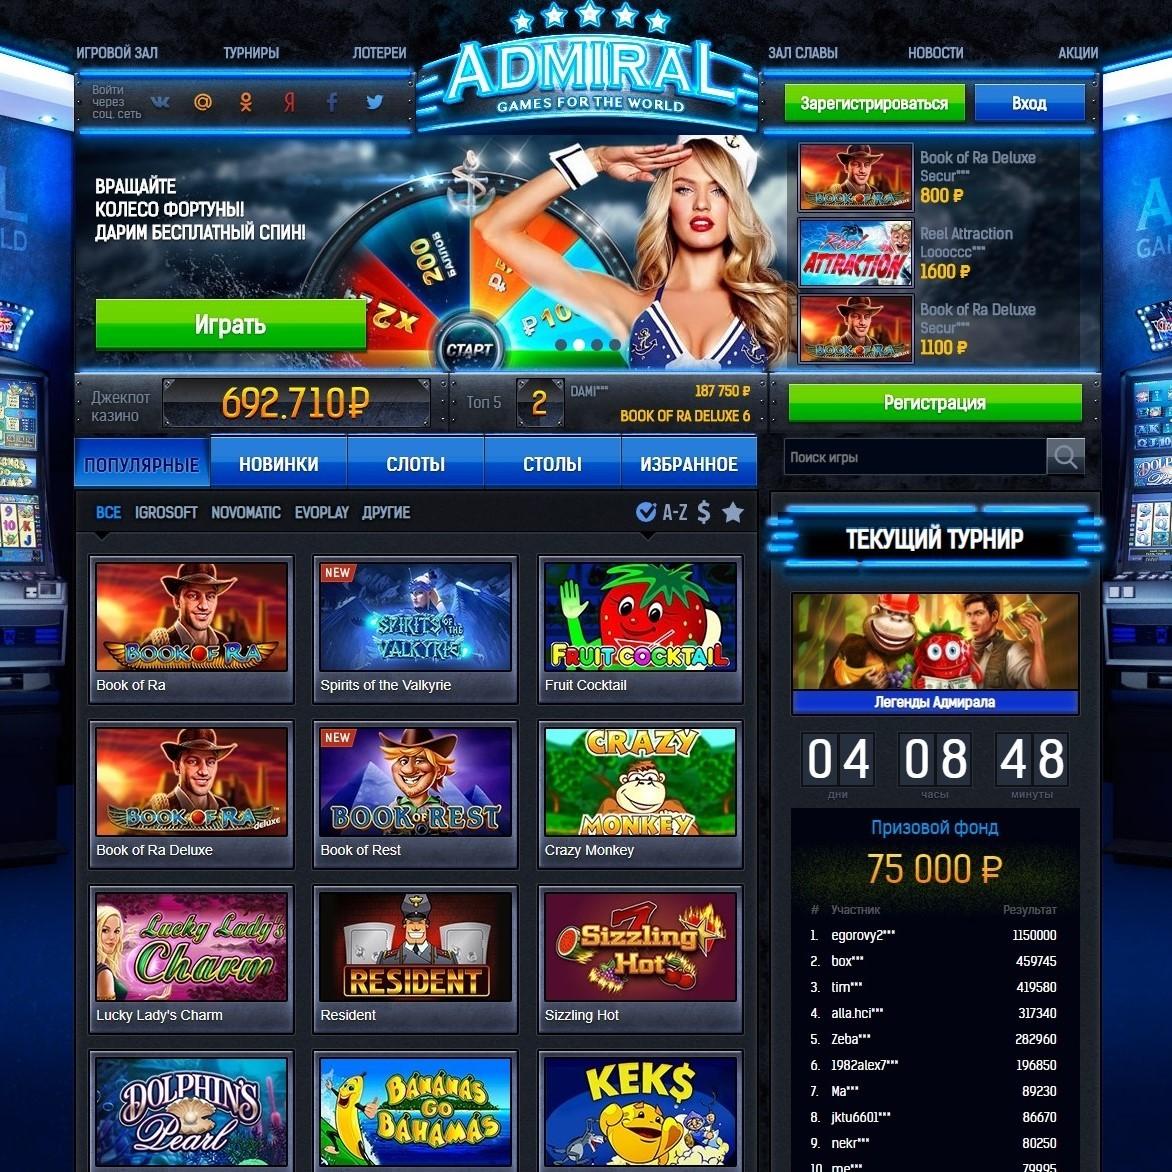 Игровые автоматы gmslots зеркало рейтинг слотов рф играть в игровые автоматы top secret